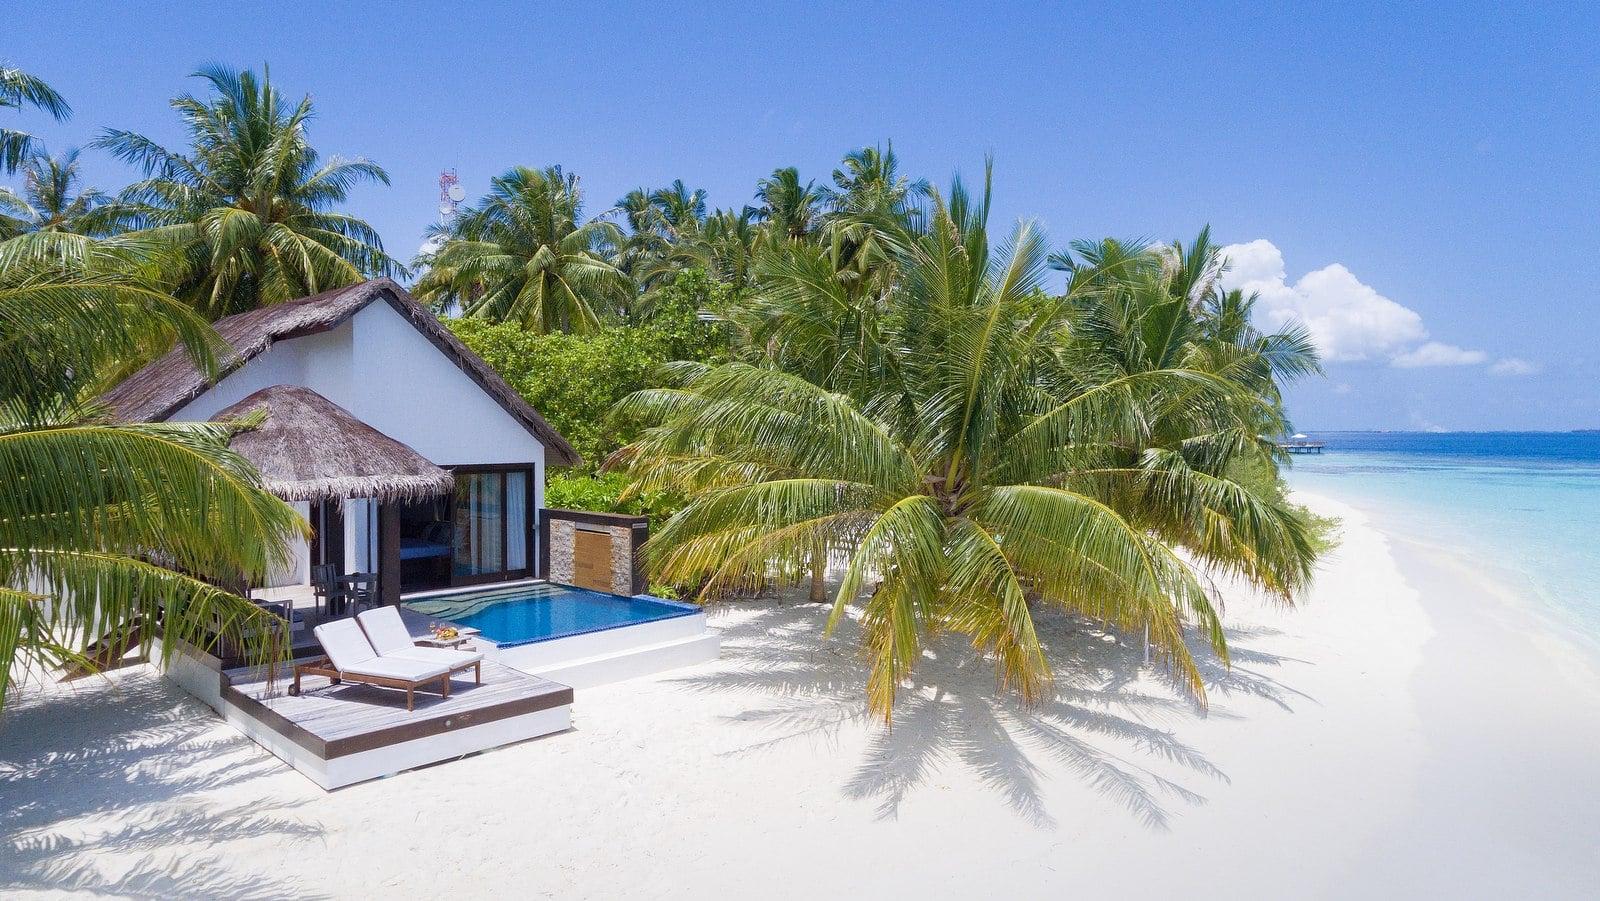 Мальдивы, отель Bandos Maldives, номер Beach Pool Villa